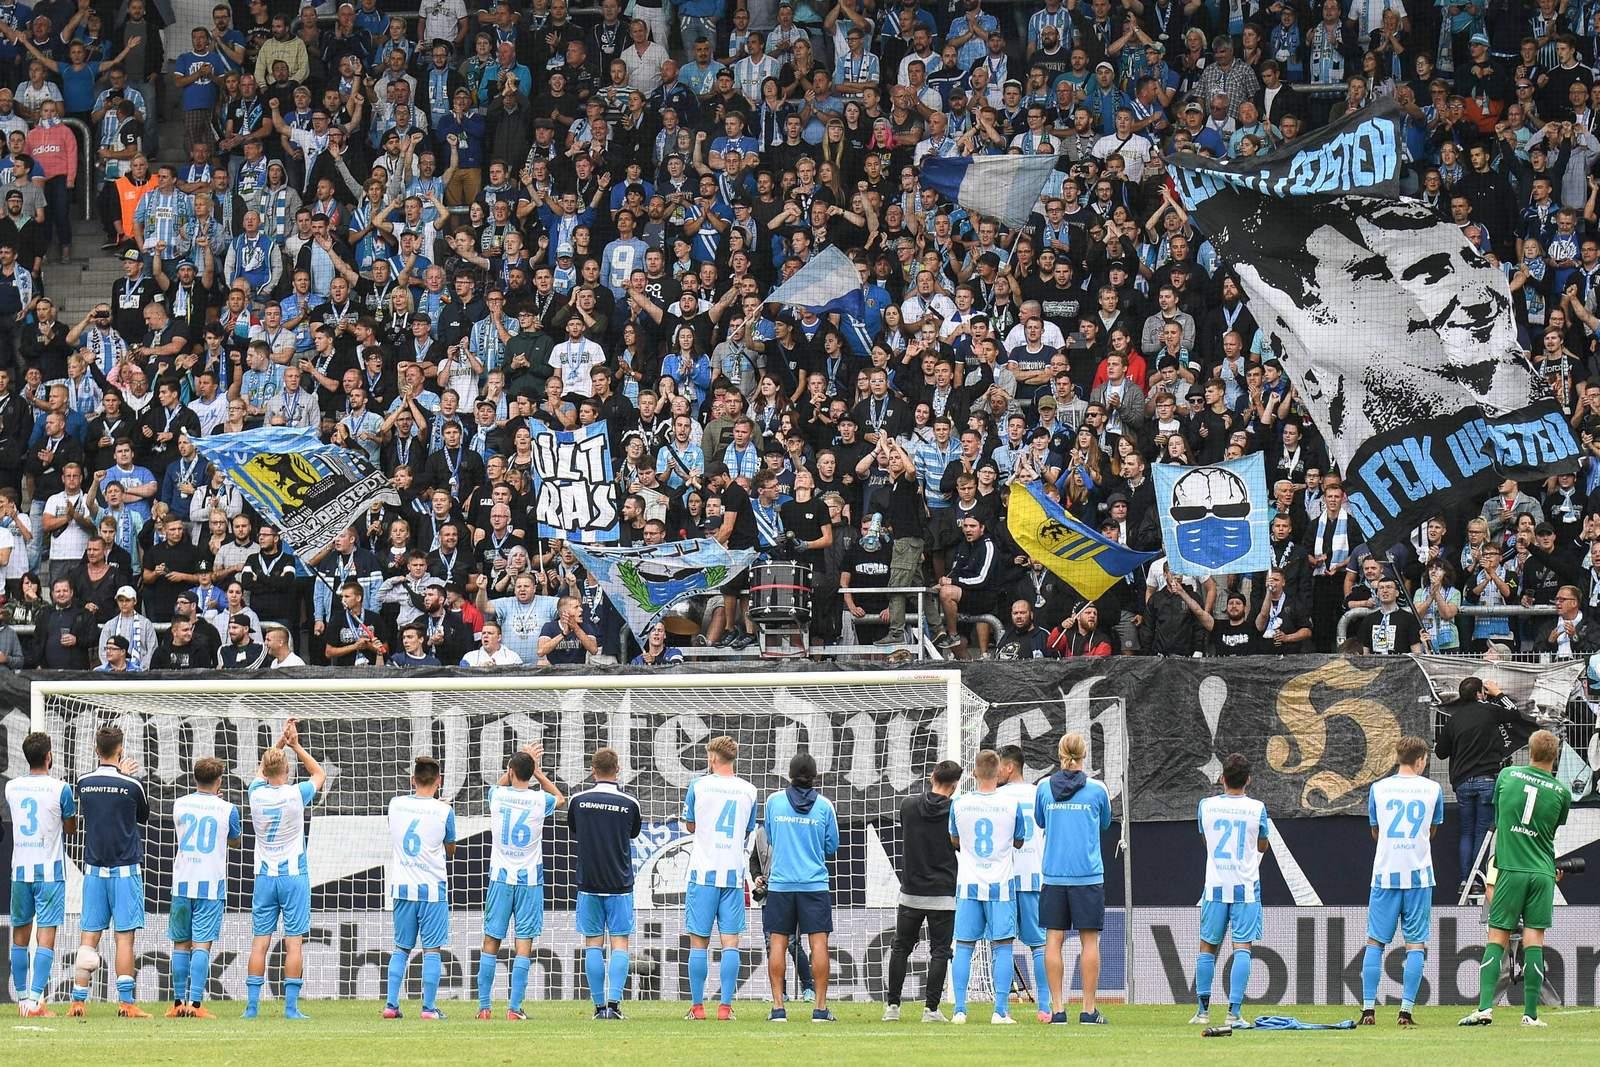 Mannschaft und Fans des Chemnitzer FC